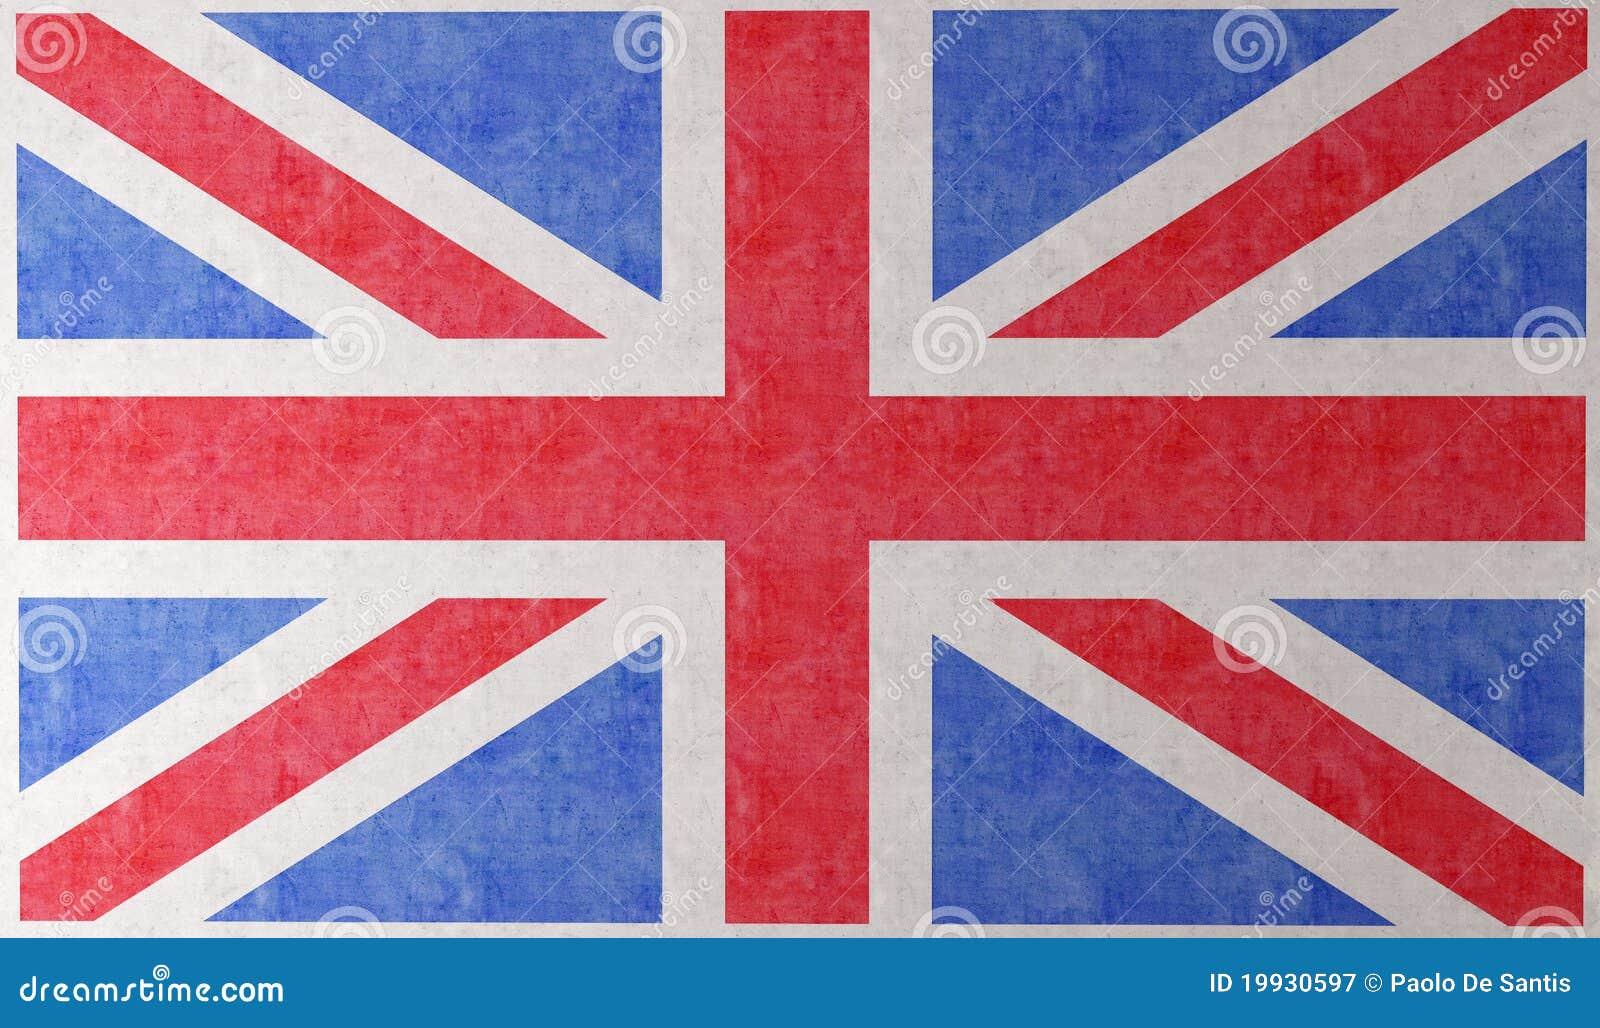 De vlag van engeland op muur royalty vrije stock fotografie afbeelding 19930597 - Coloriage drapeau angleterre ...